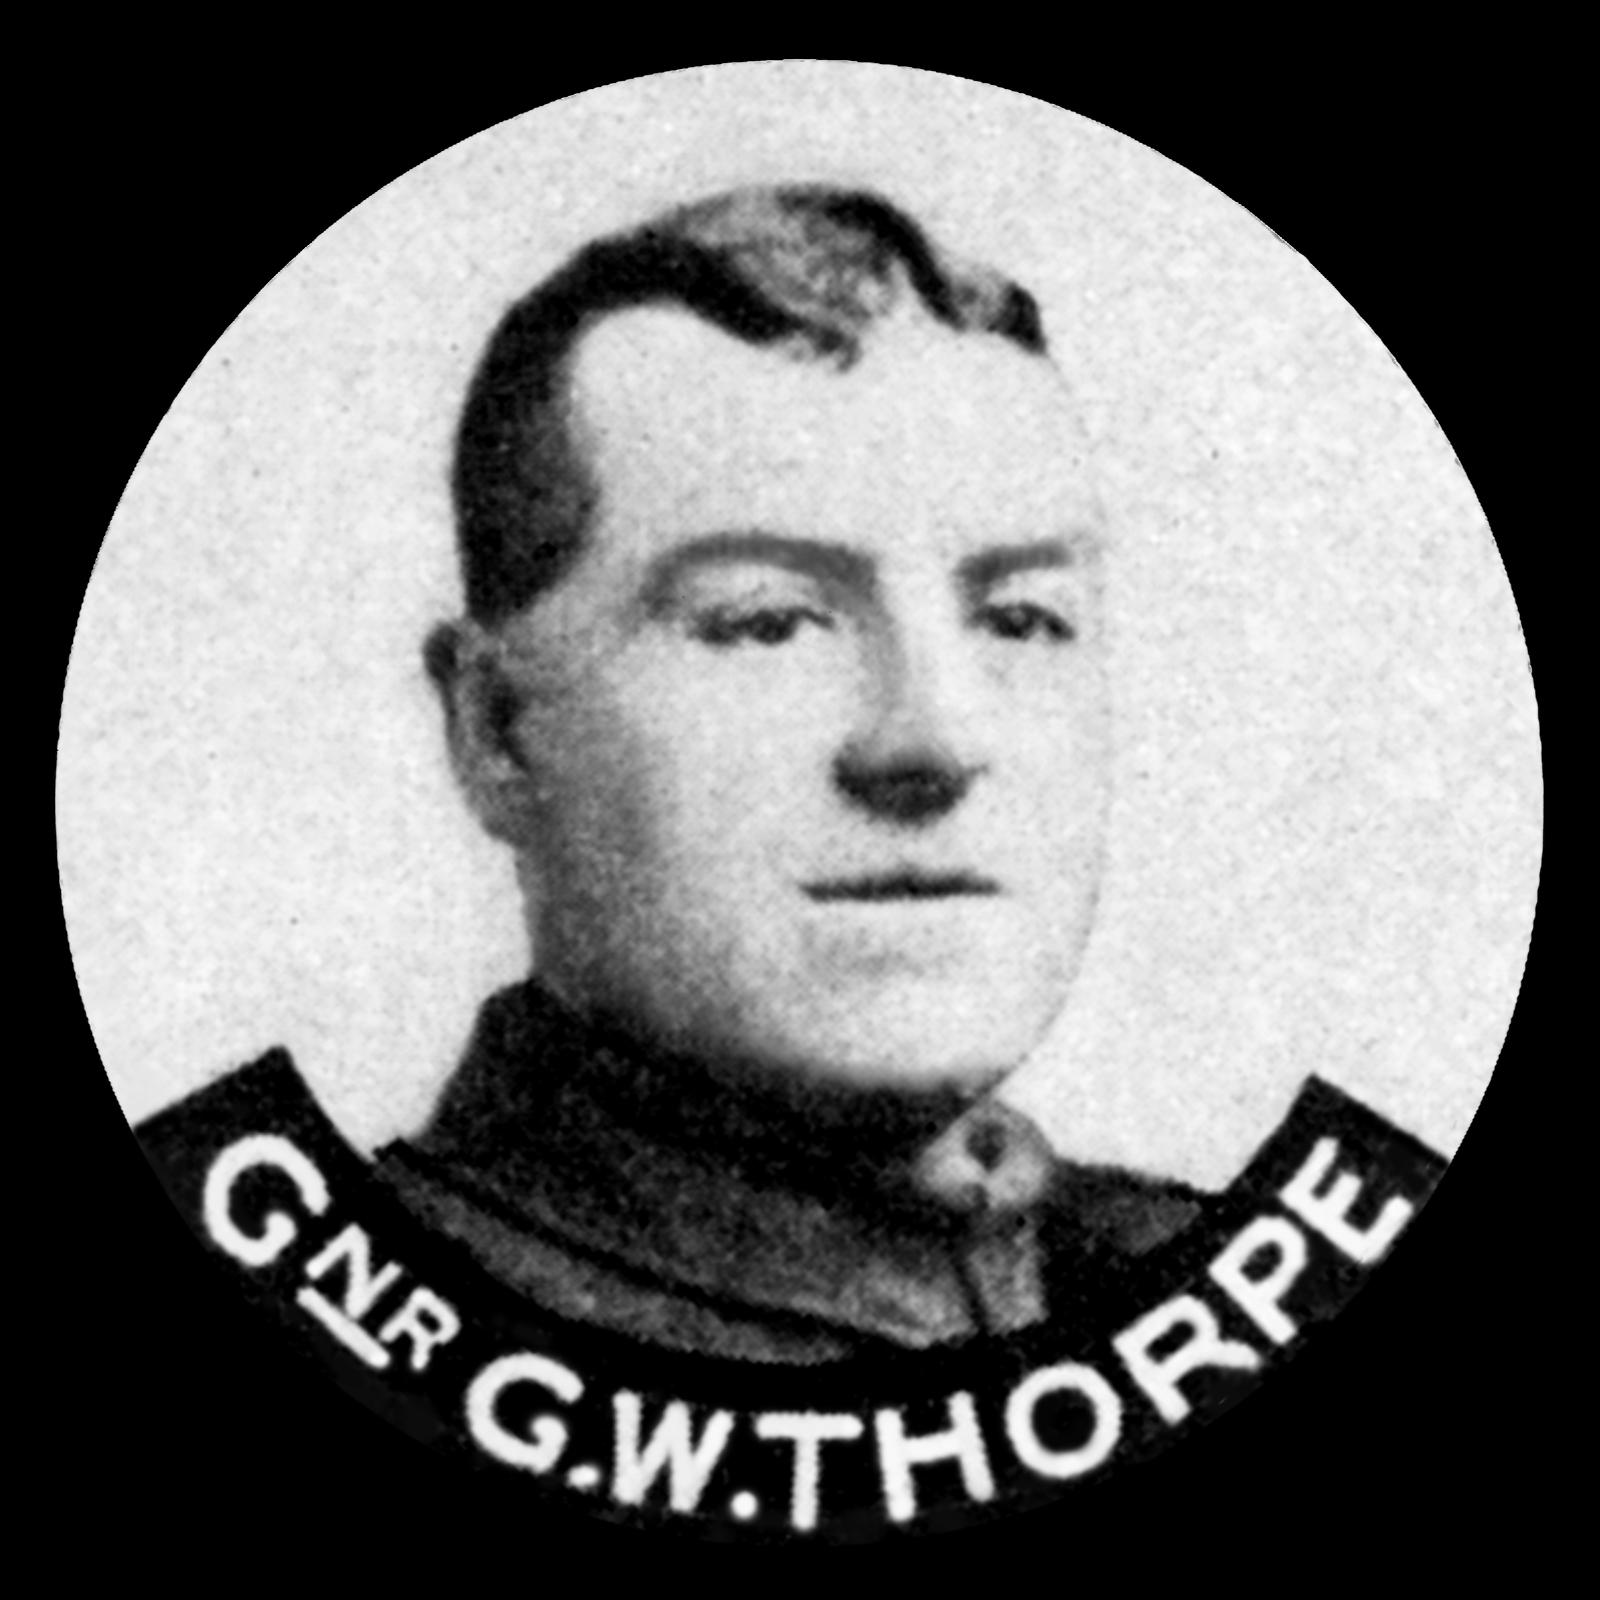 THORPE George William